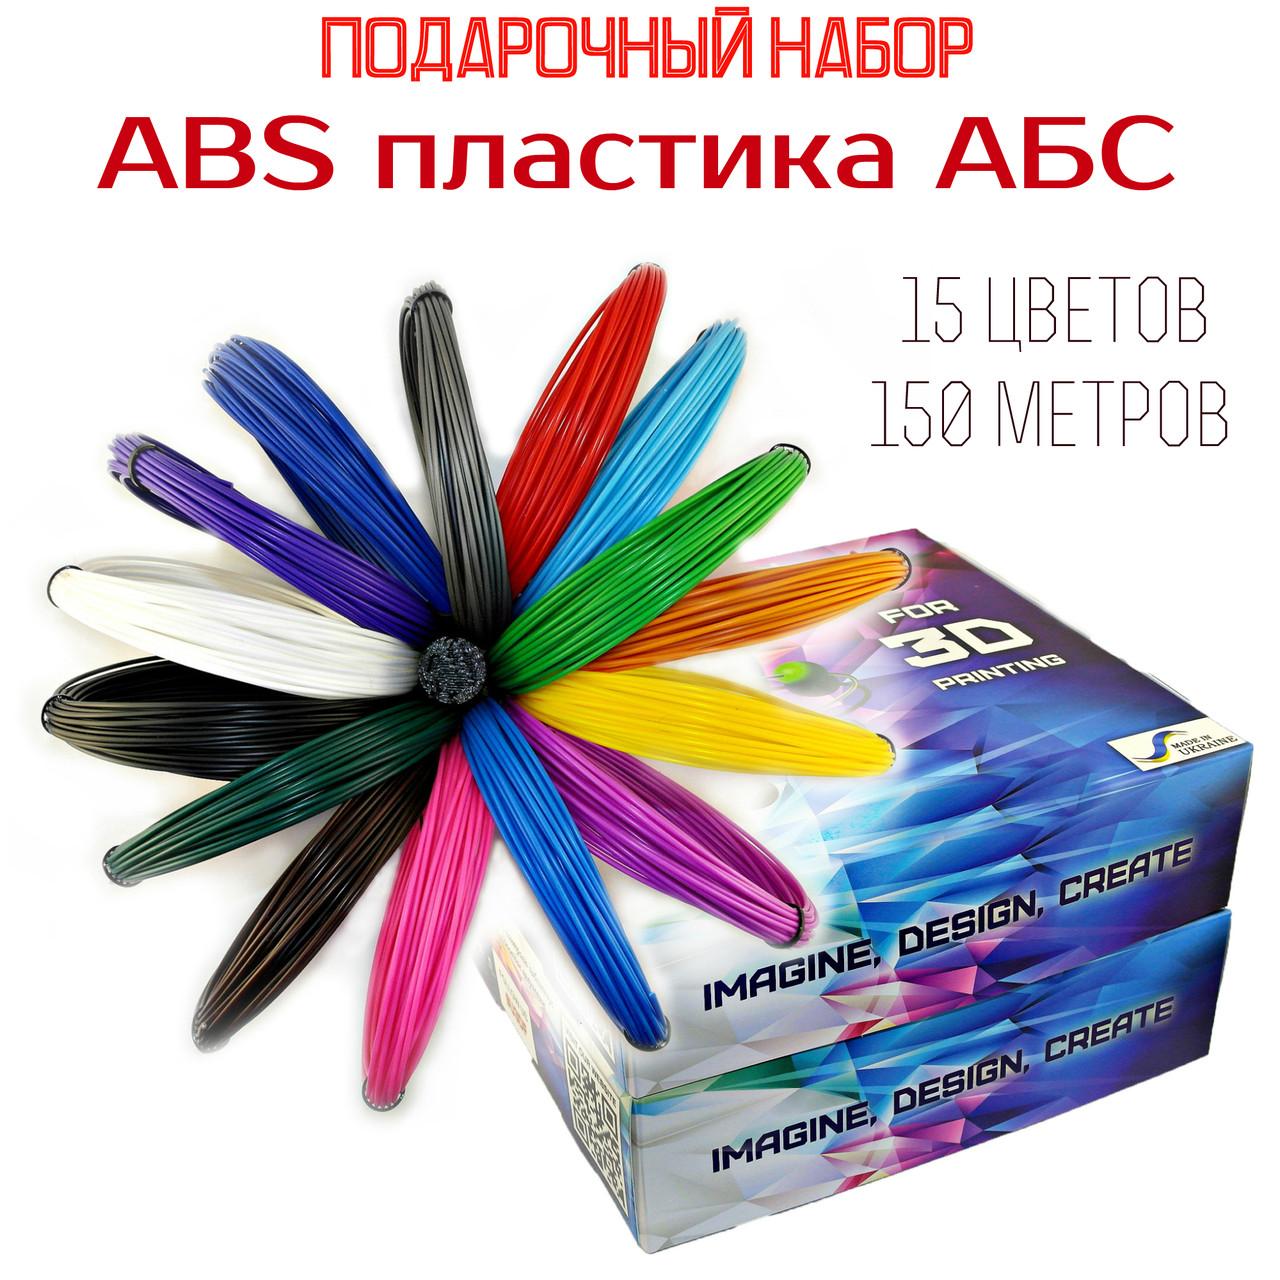 """Подарочный набор АБС ABS пластика для 3D ручки 15 цветов 150 метров, """"Исследователь"""""""